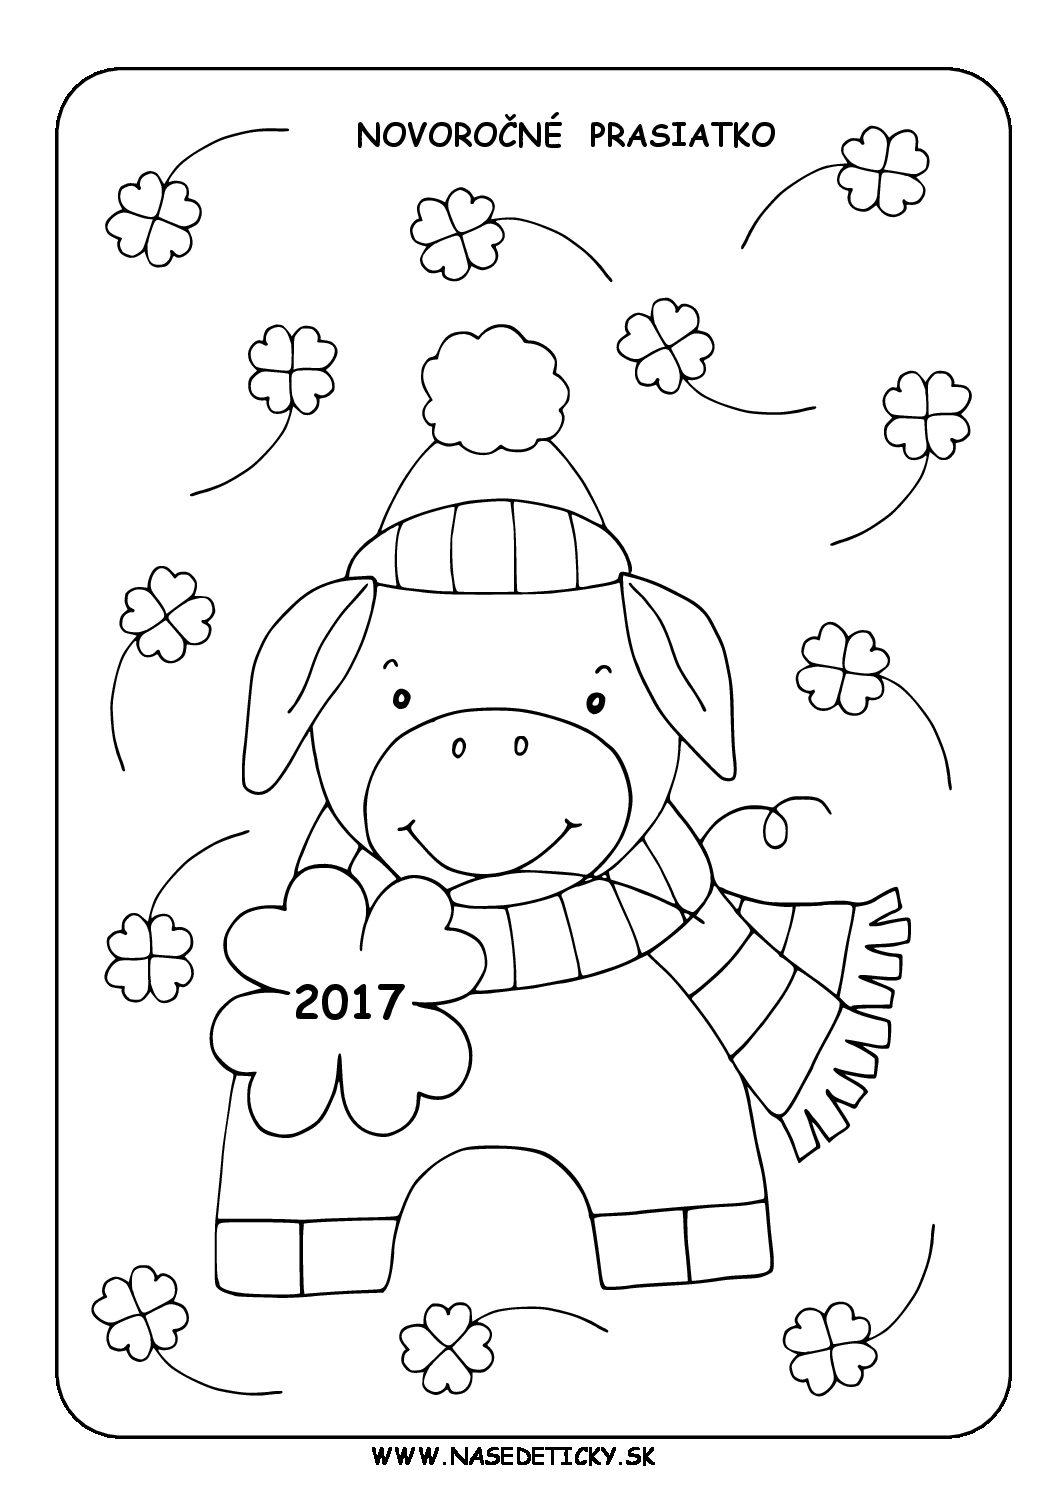 Novoročné prasiatko - aktivity pre deti